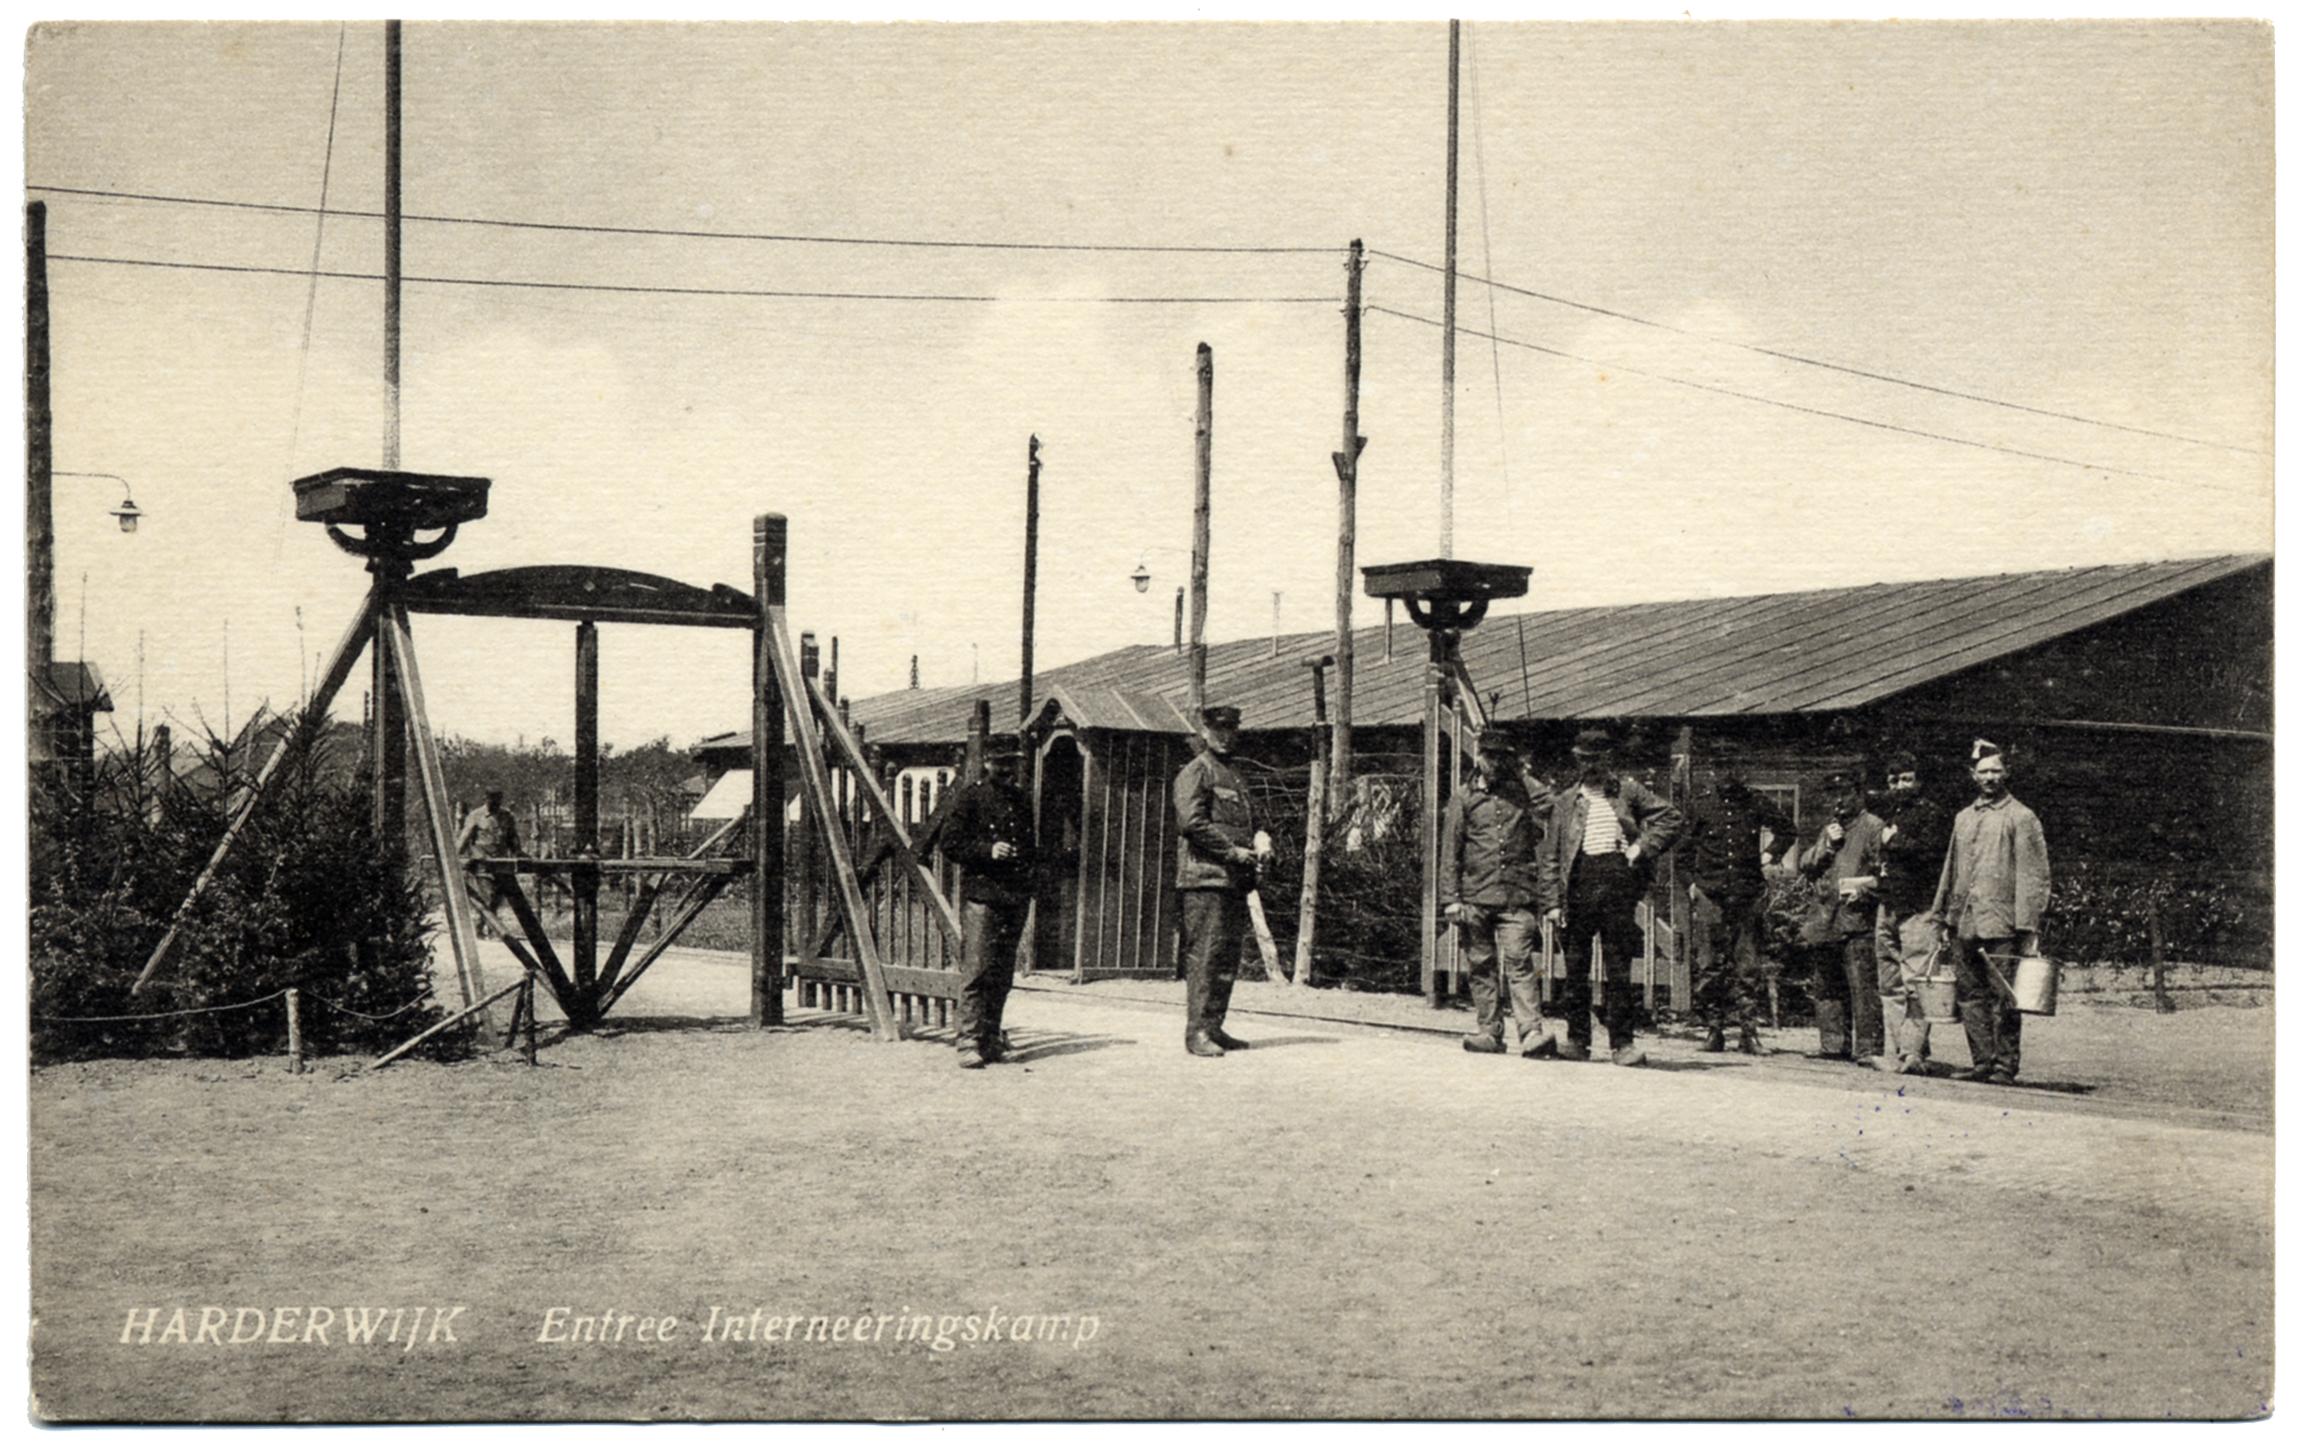 De ingang van interneringskamp Harderwijk - Databank Agrippa, Letterenhuis